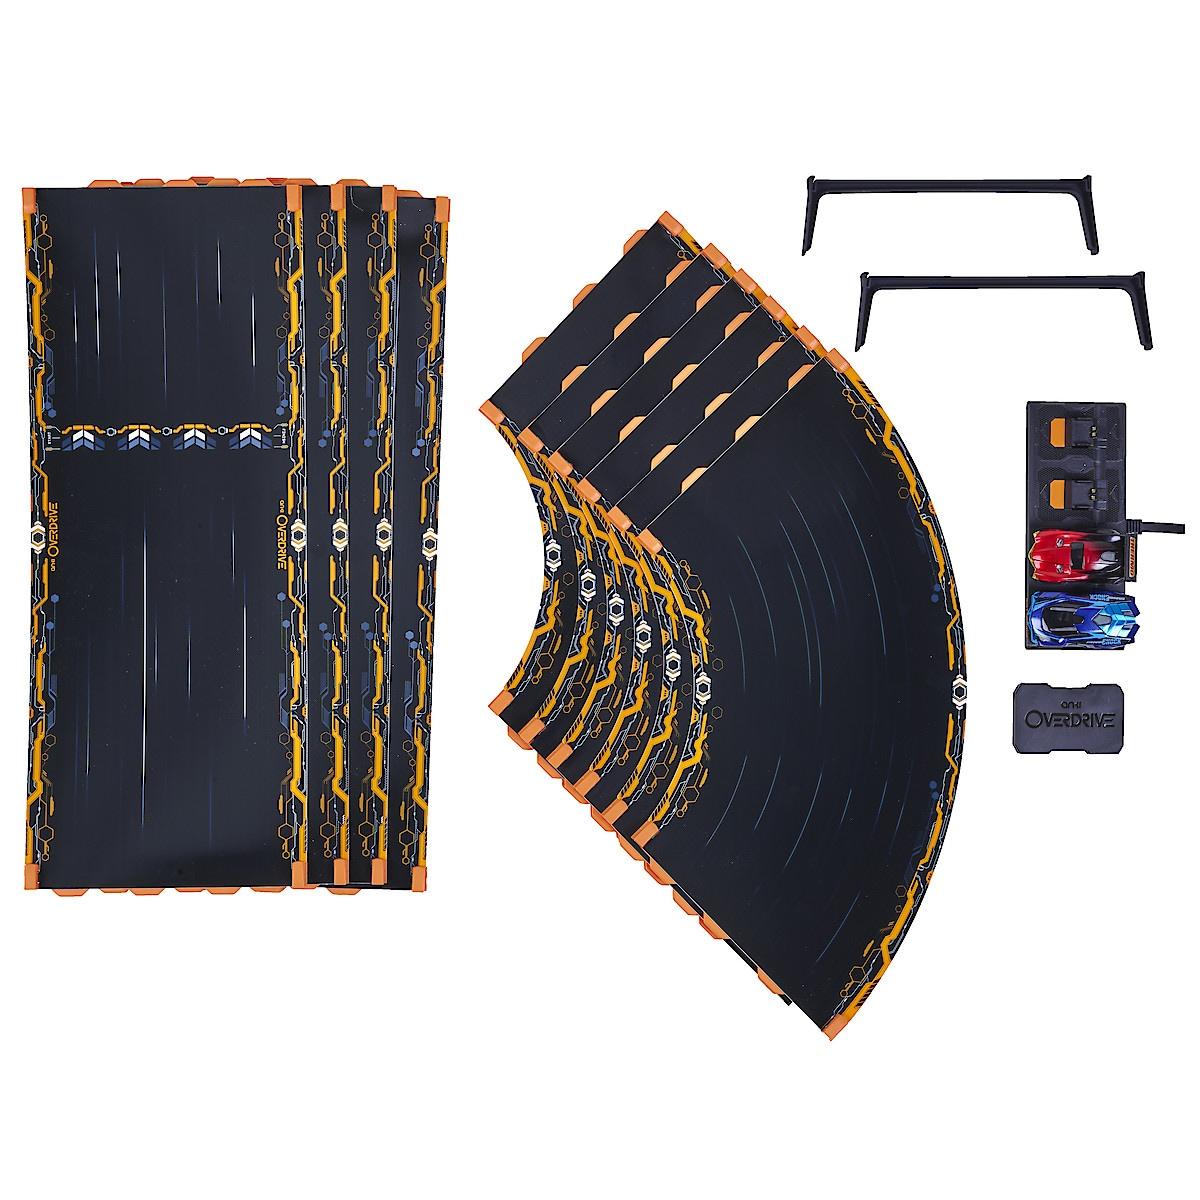 Bilbana Anki Overdrive Starter Kit